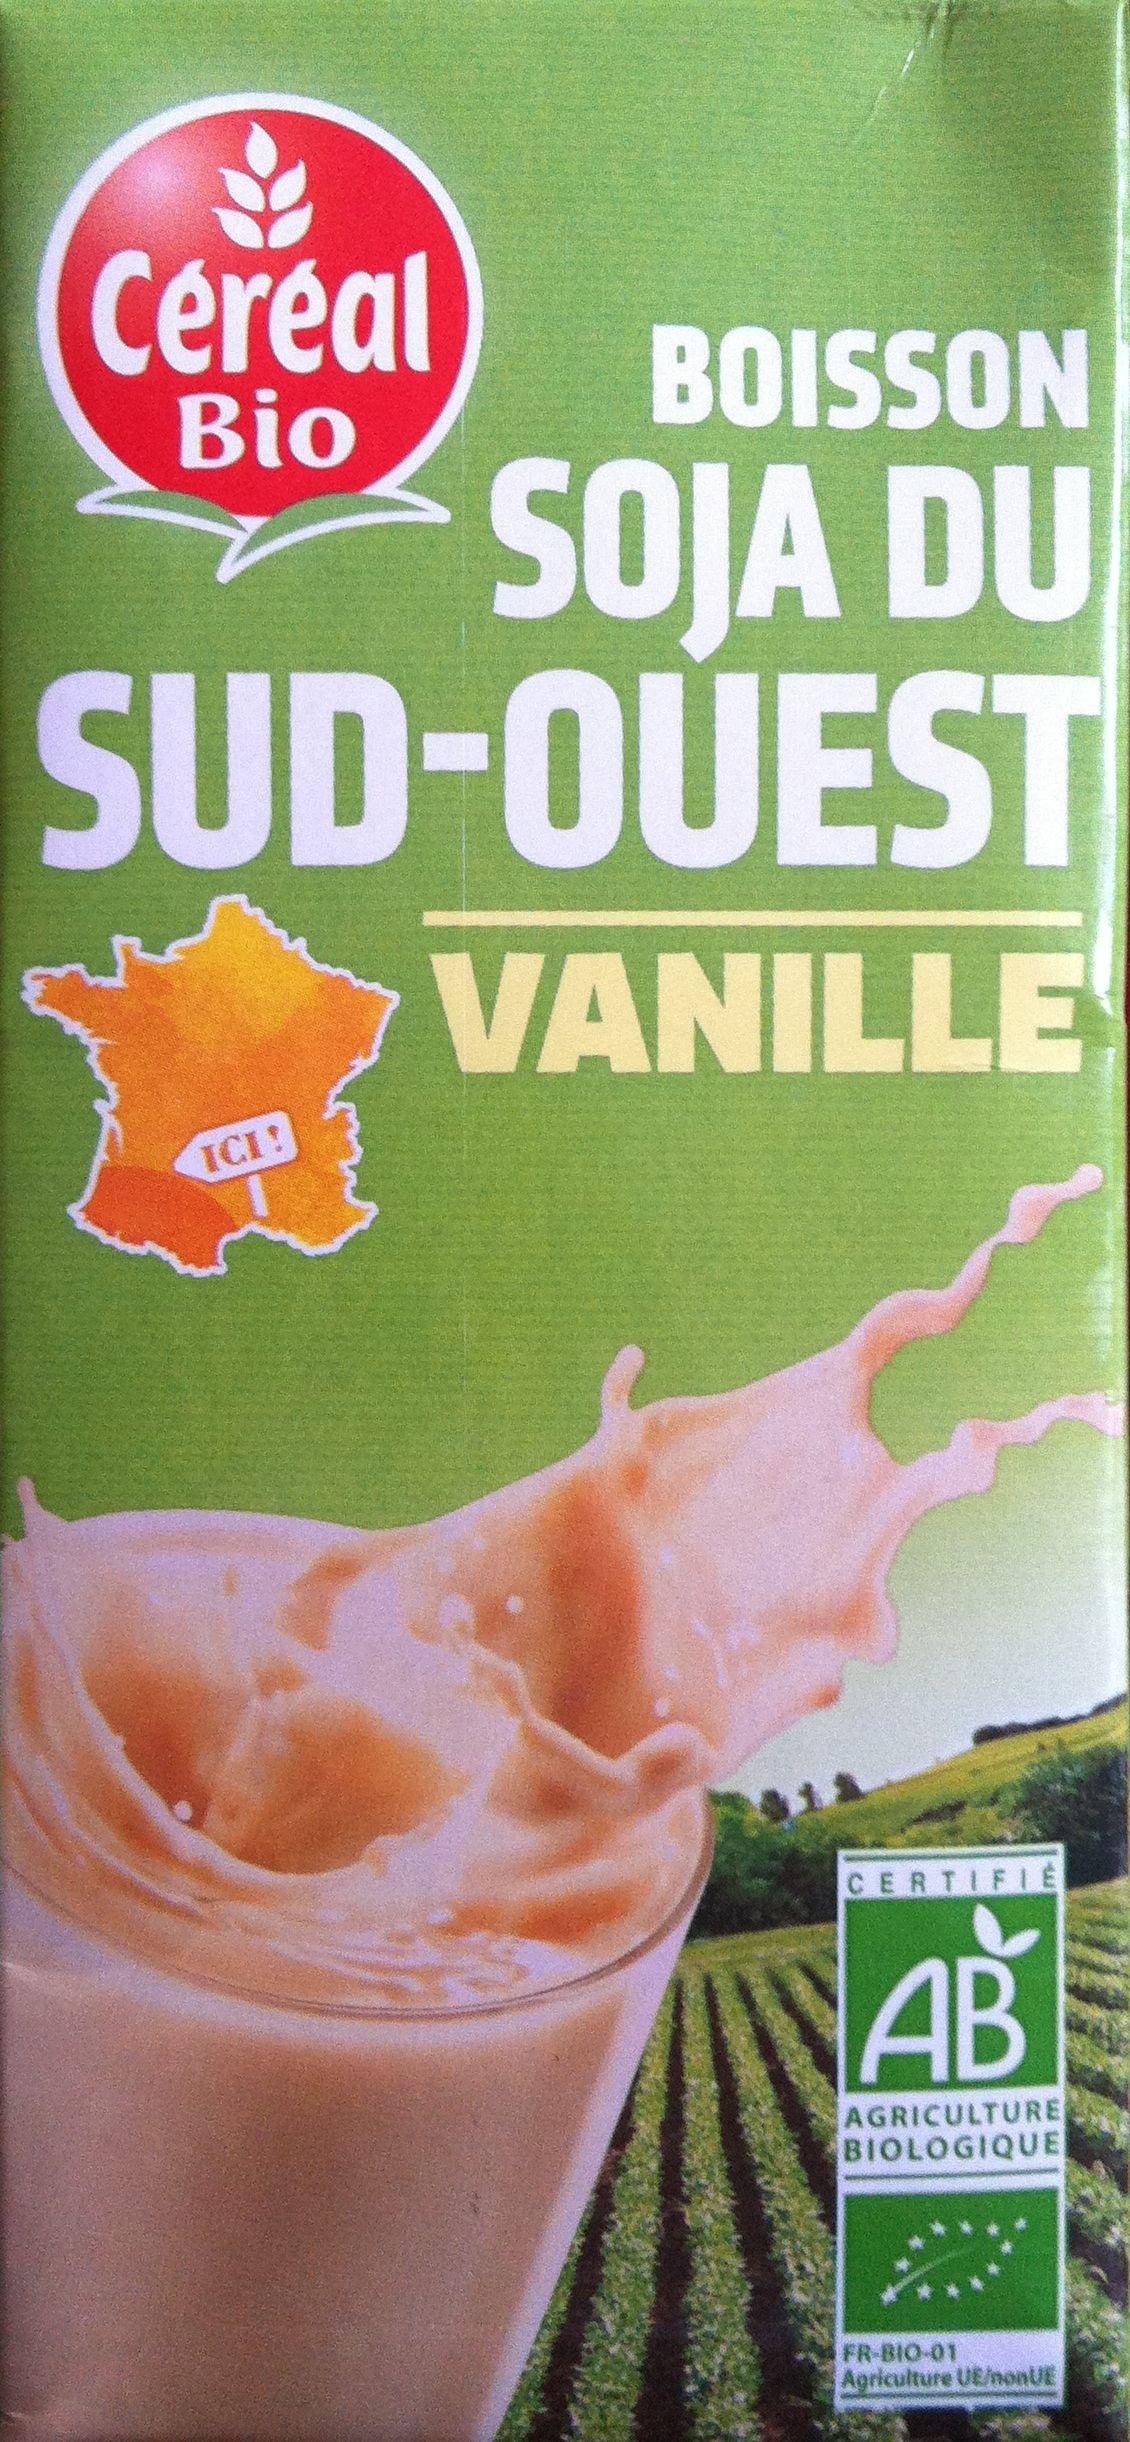 Boisson soja du Sud-Ouest Vanille - Ingrédients - fr